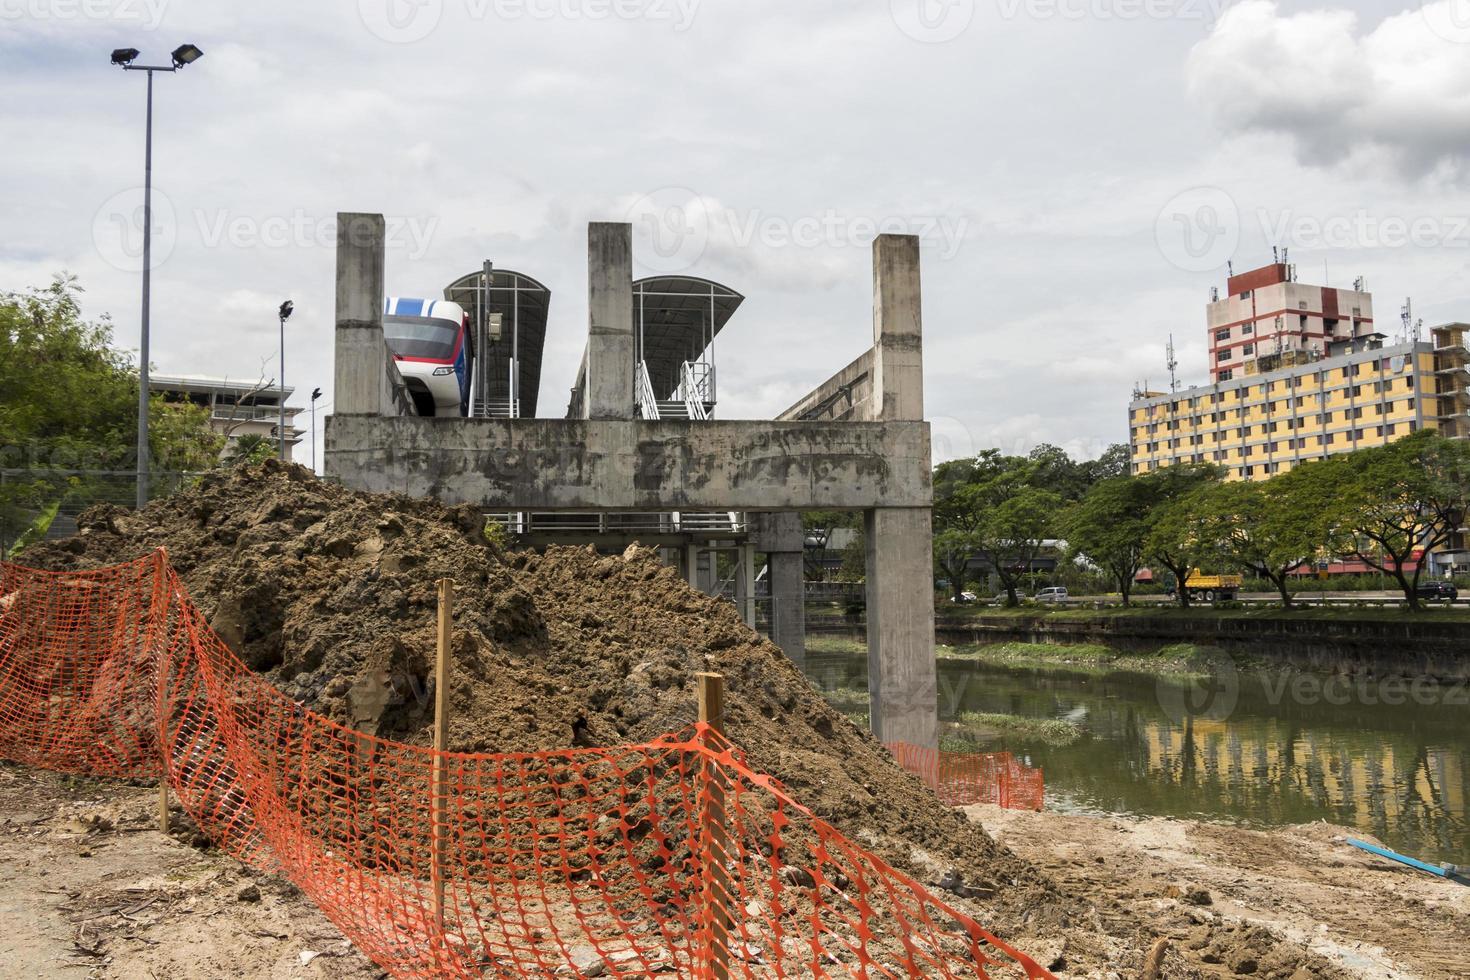 final de la estación de metro debido al sitio de construcción, kuala lumpur. foto